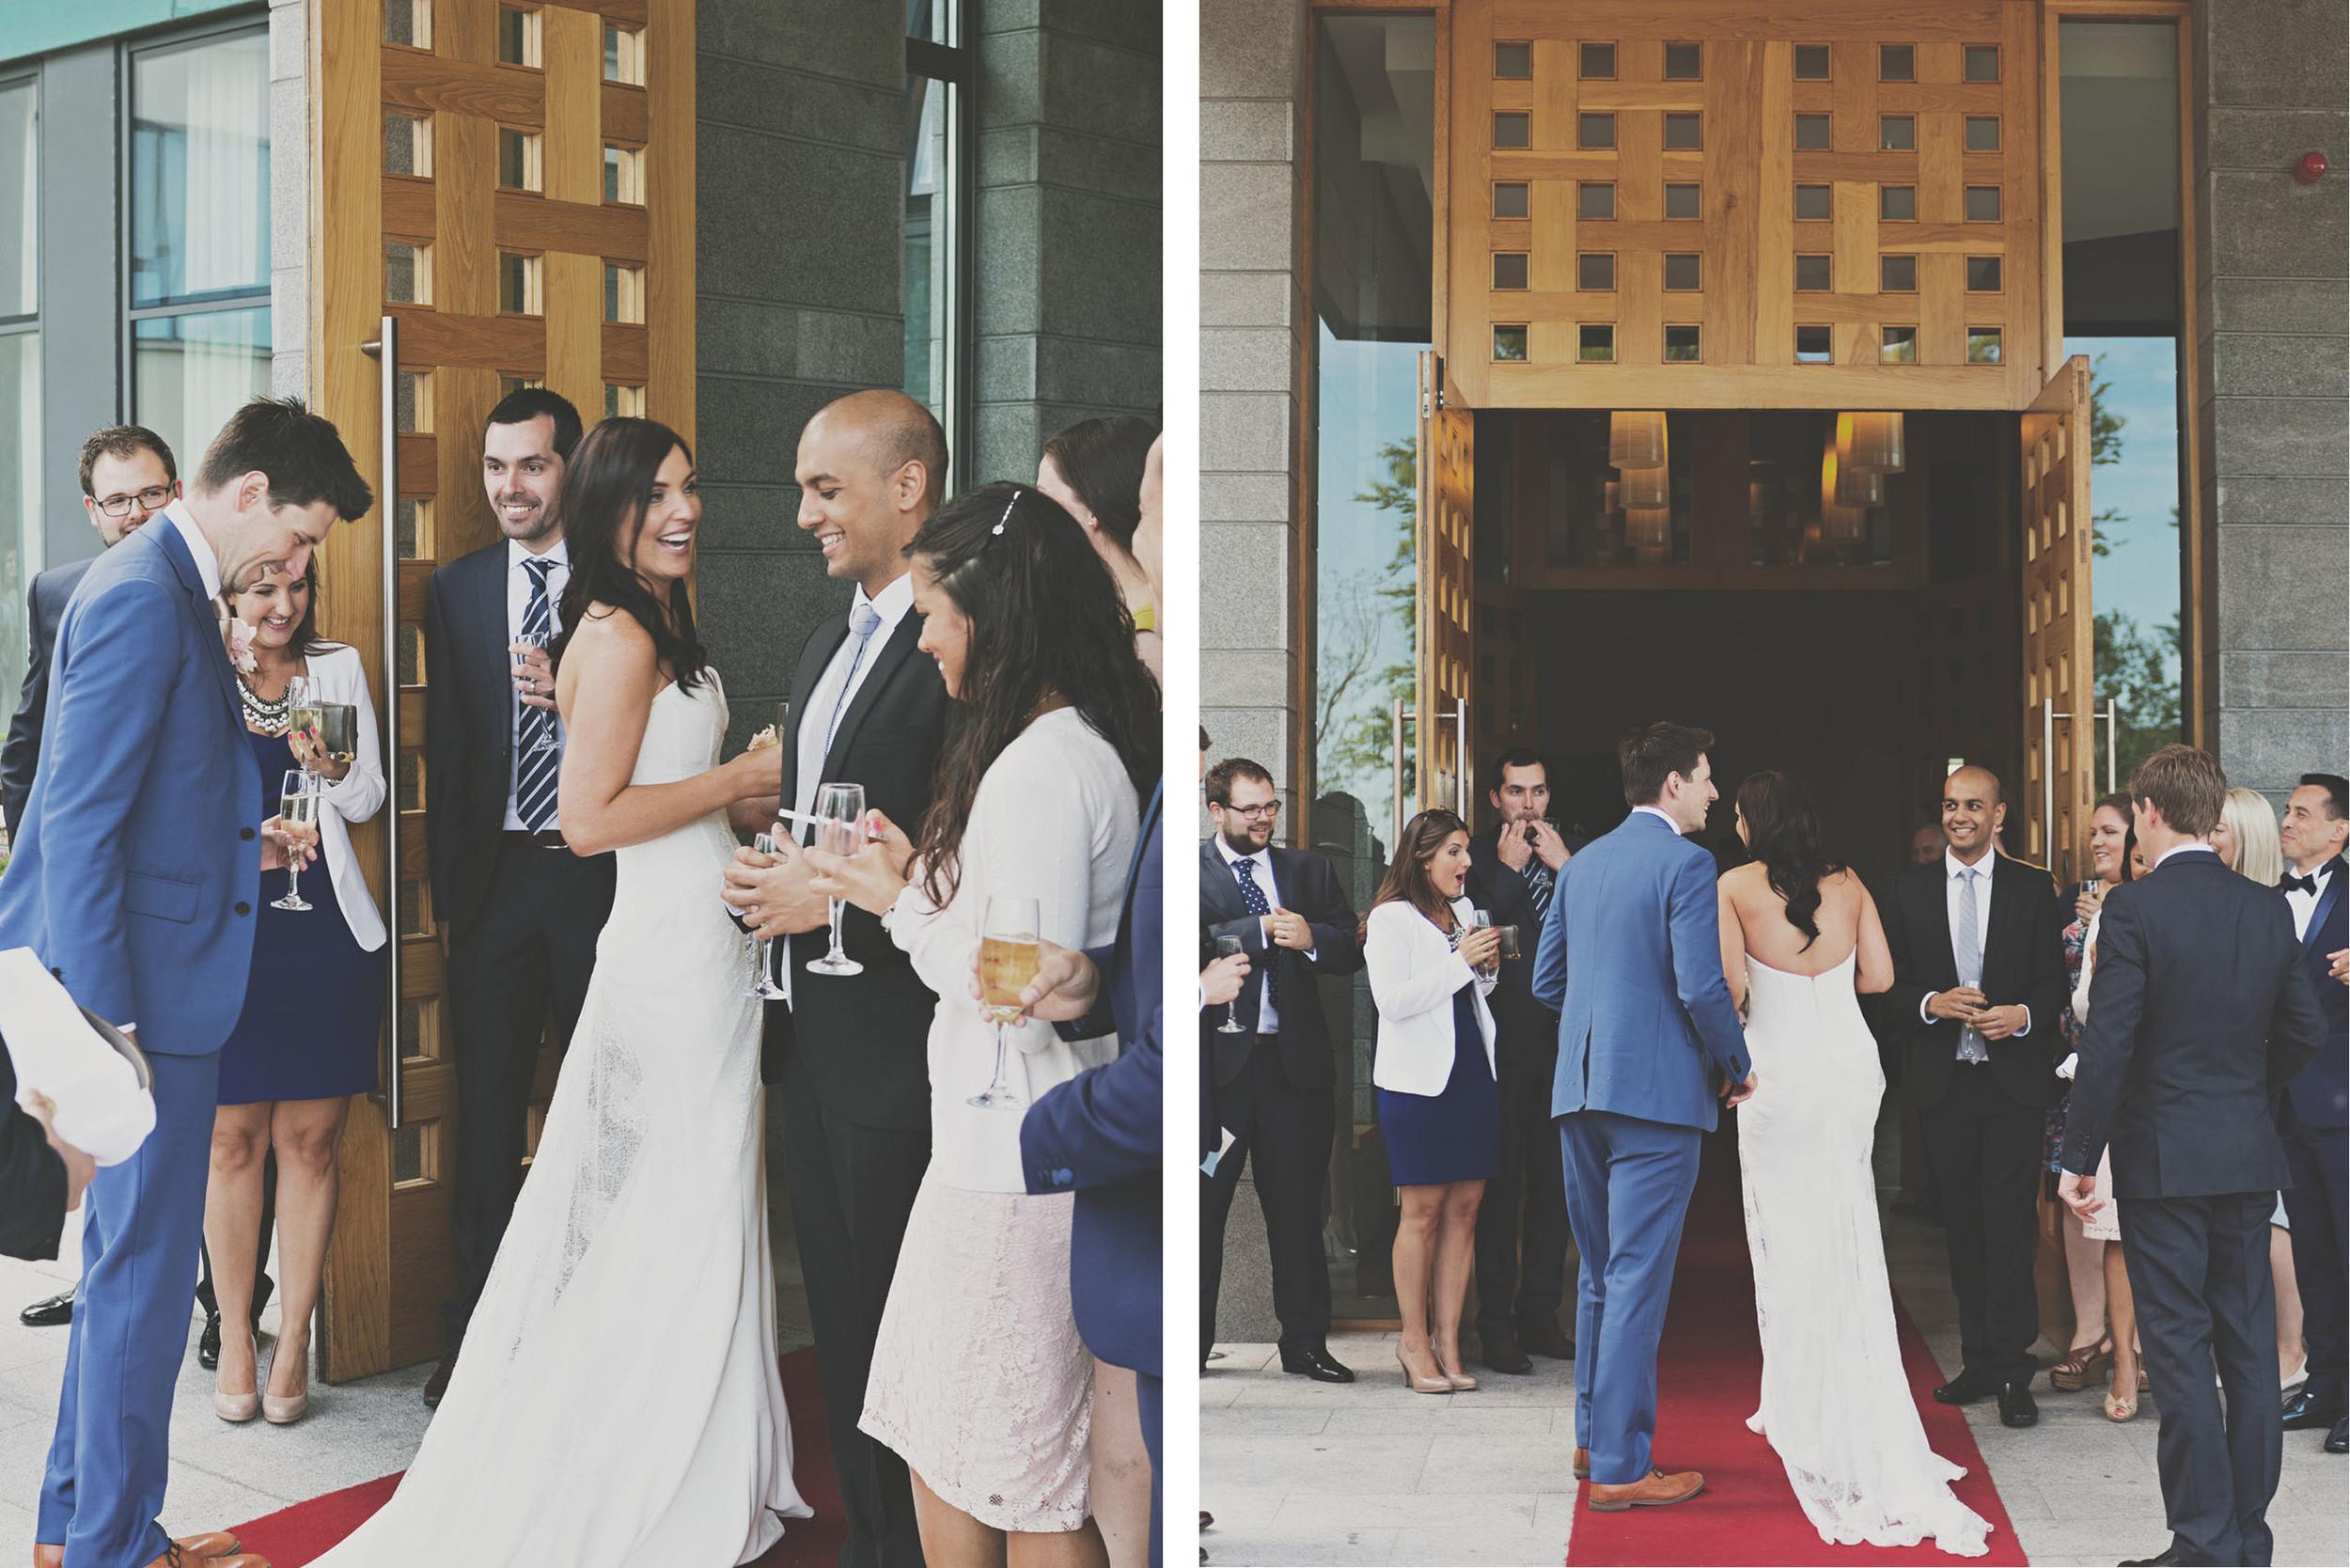 Julie & Matt's Seafield Wedding by Studio33weddings 096.jpg